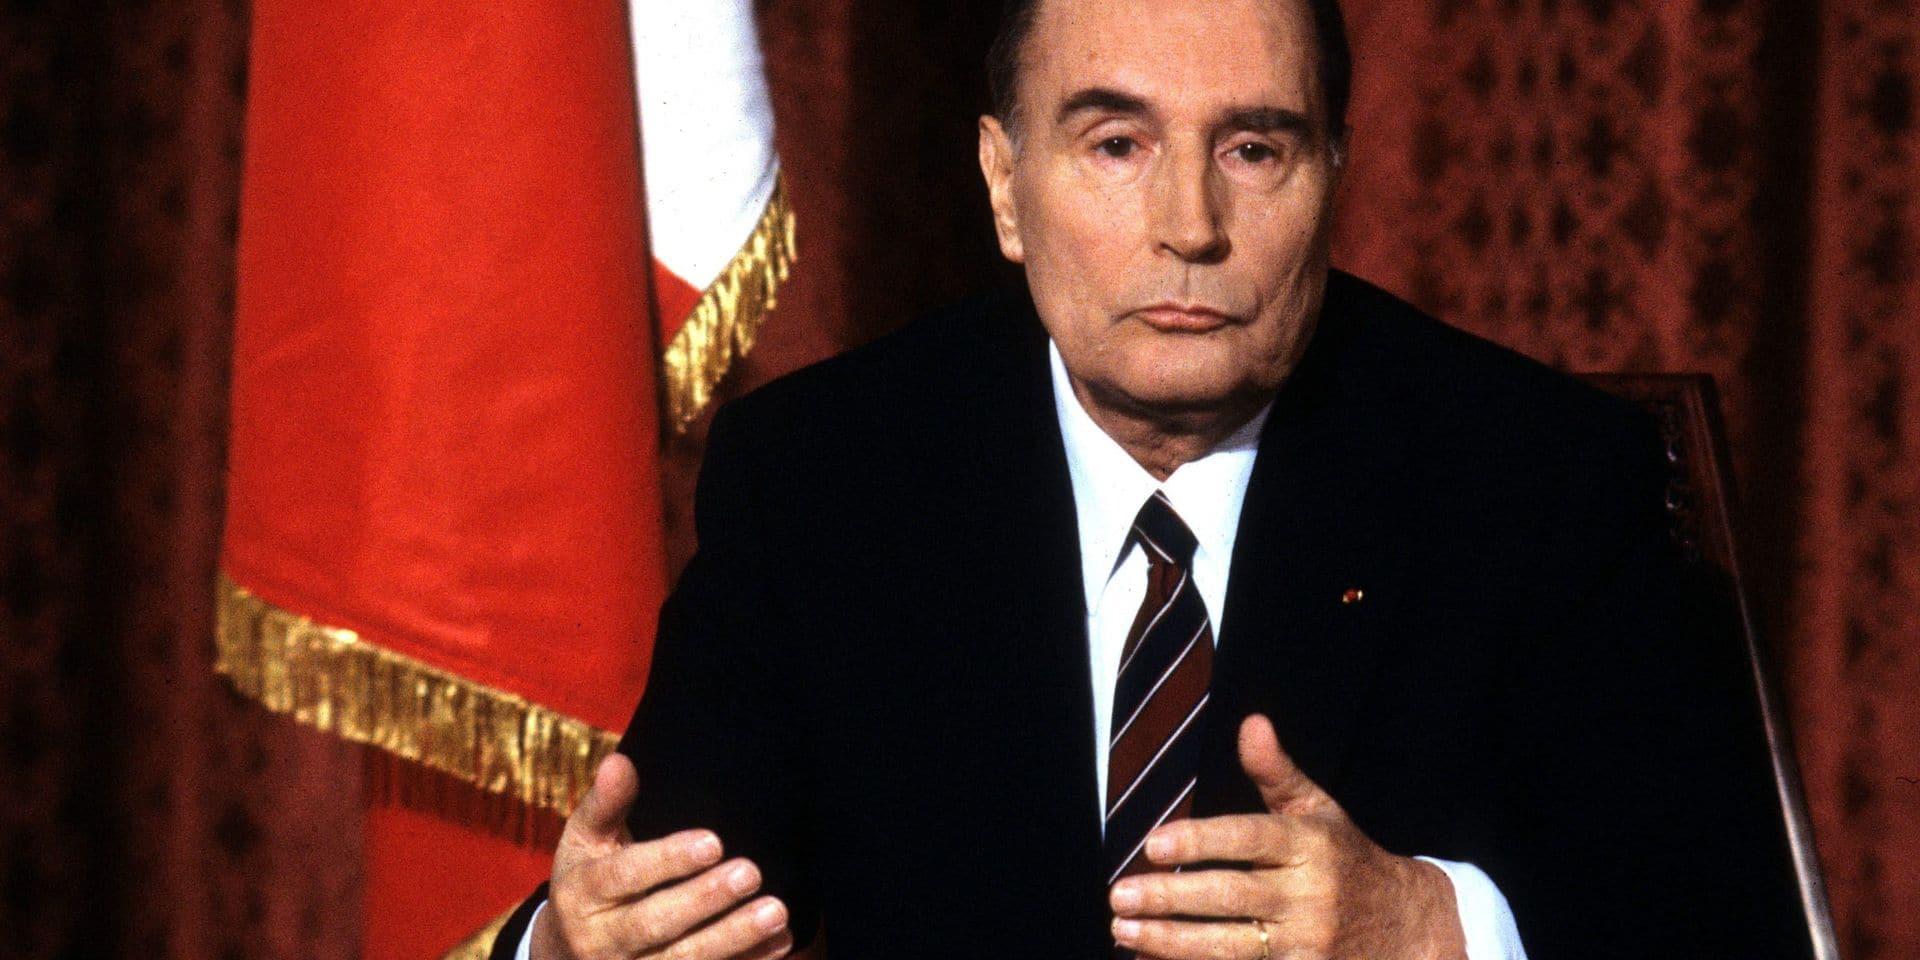 """Le rapport qui pointe """"la responsabilité accablante"""" de François Mitterrand dans le génocide rwandais"""